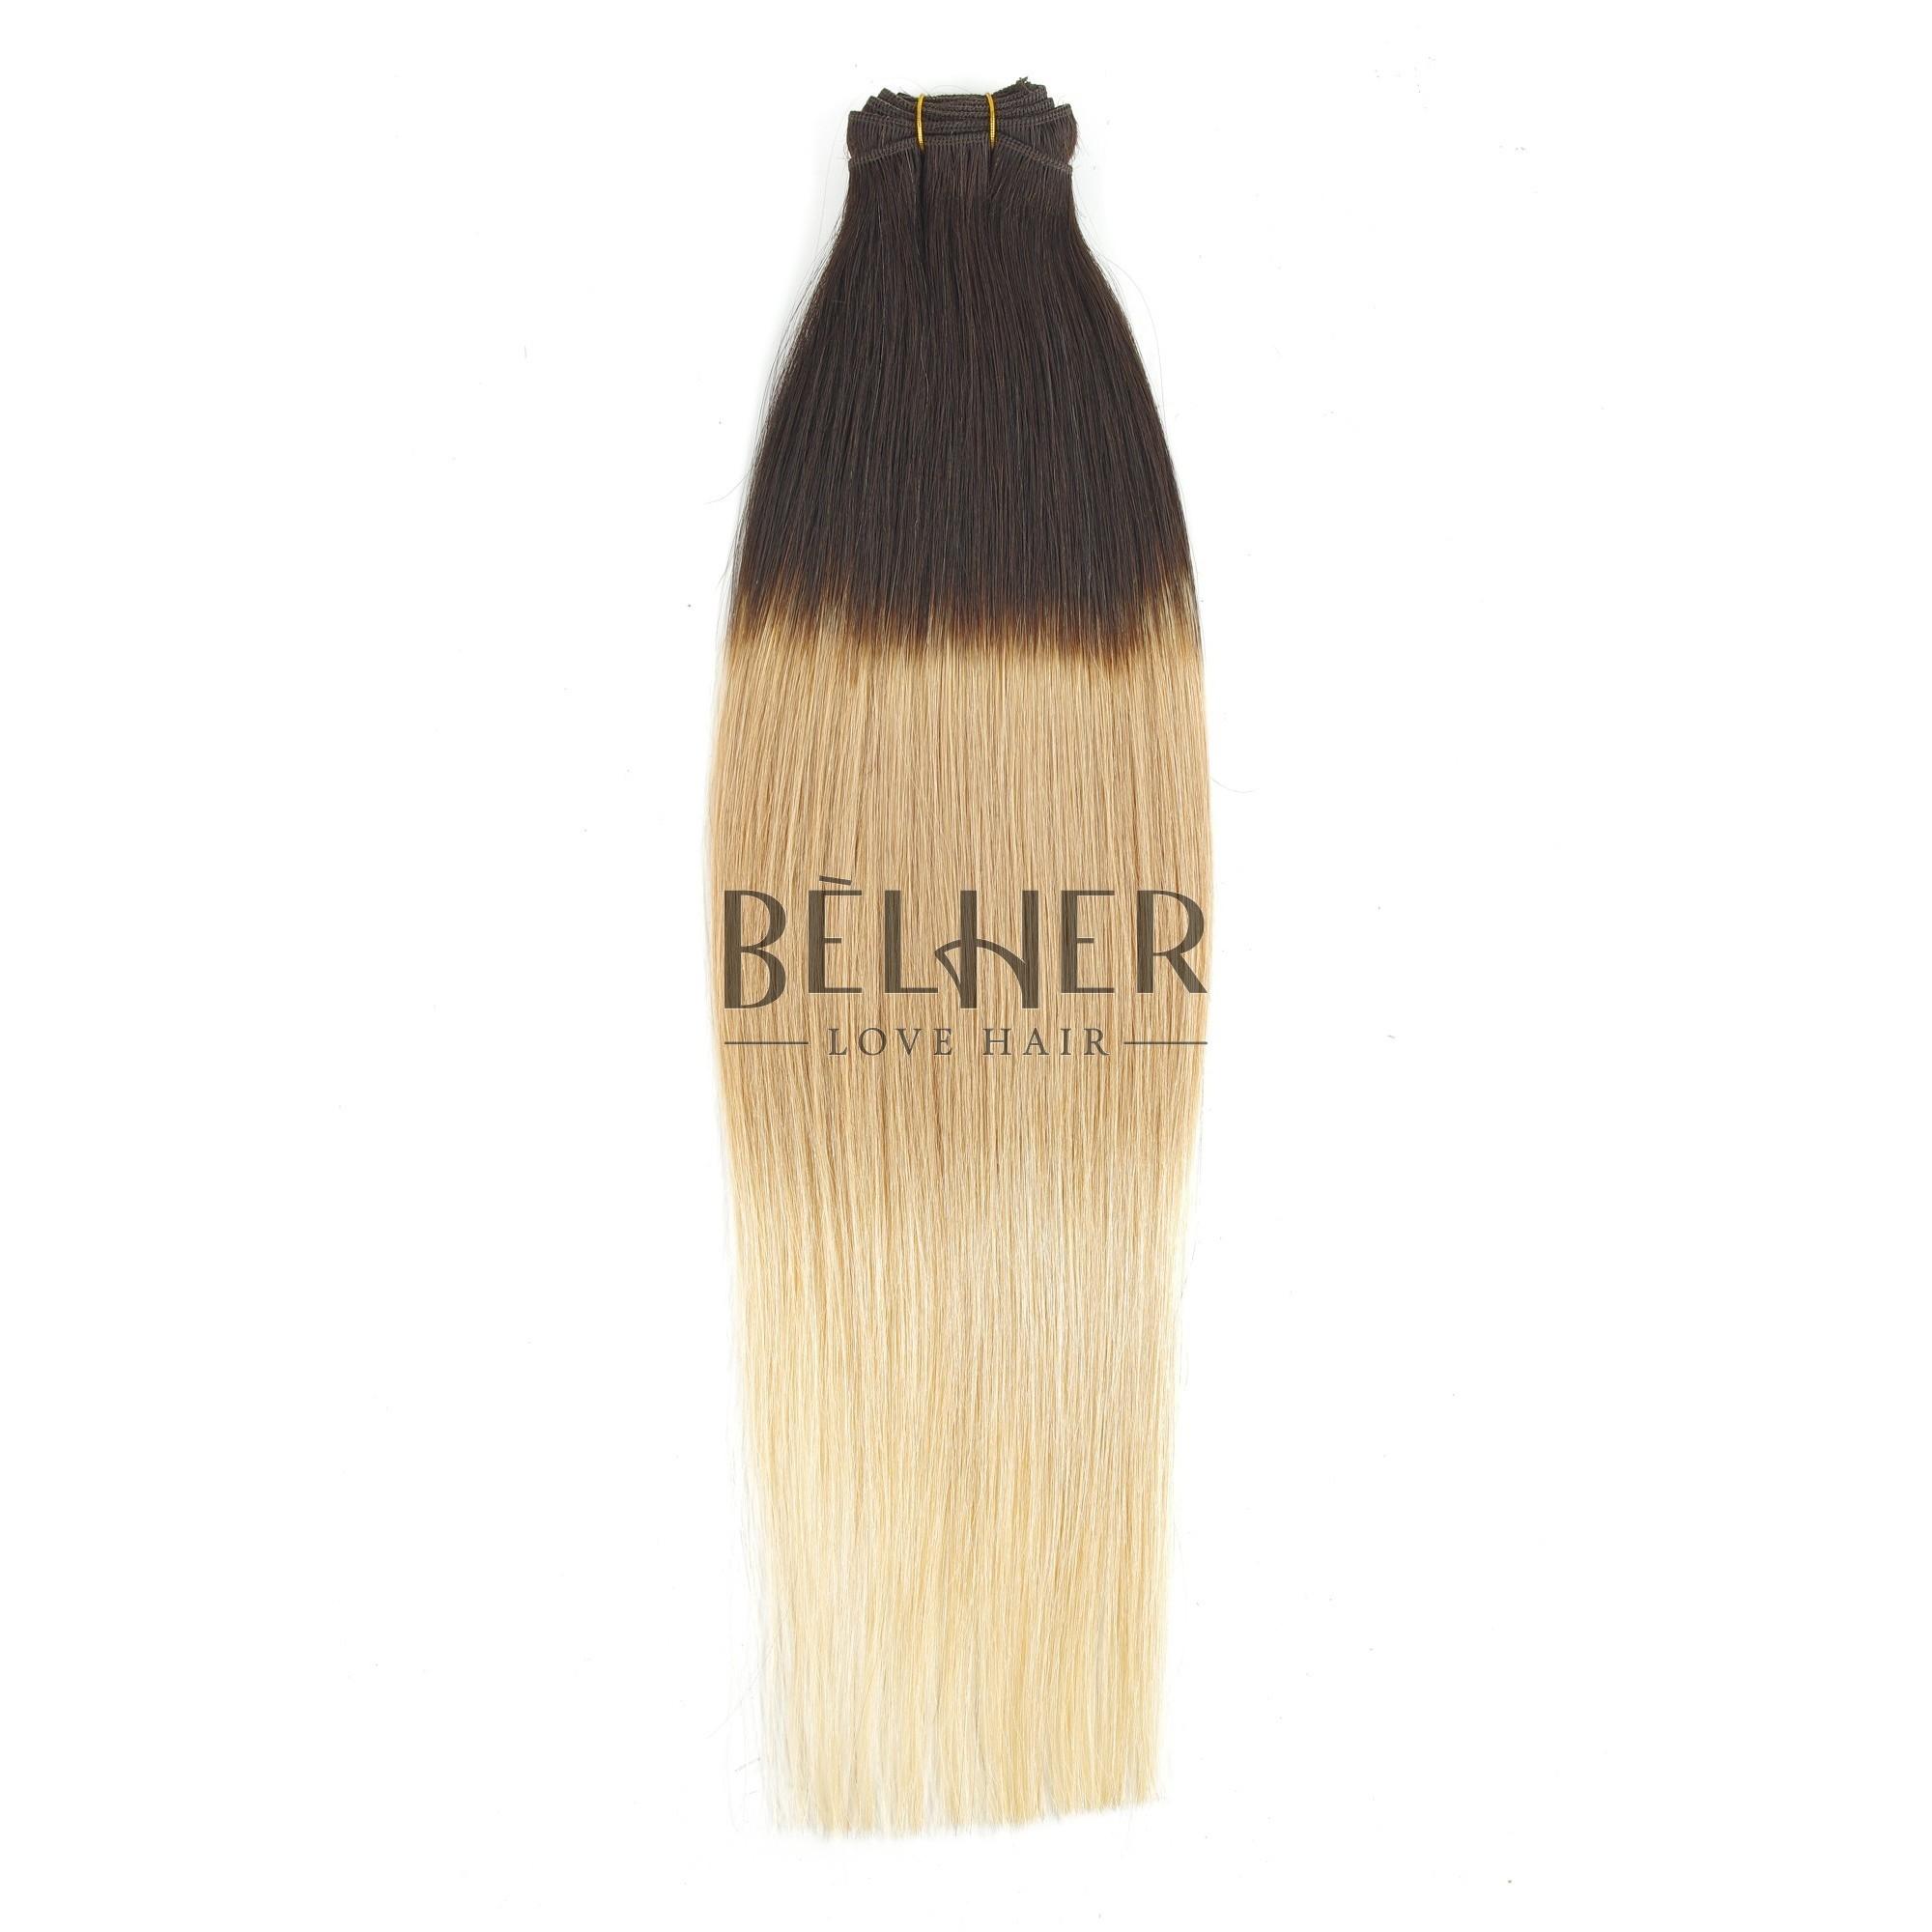 Extensii Cusute Premium Ombre Saten Inchis/Blond Cenusiu